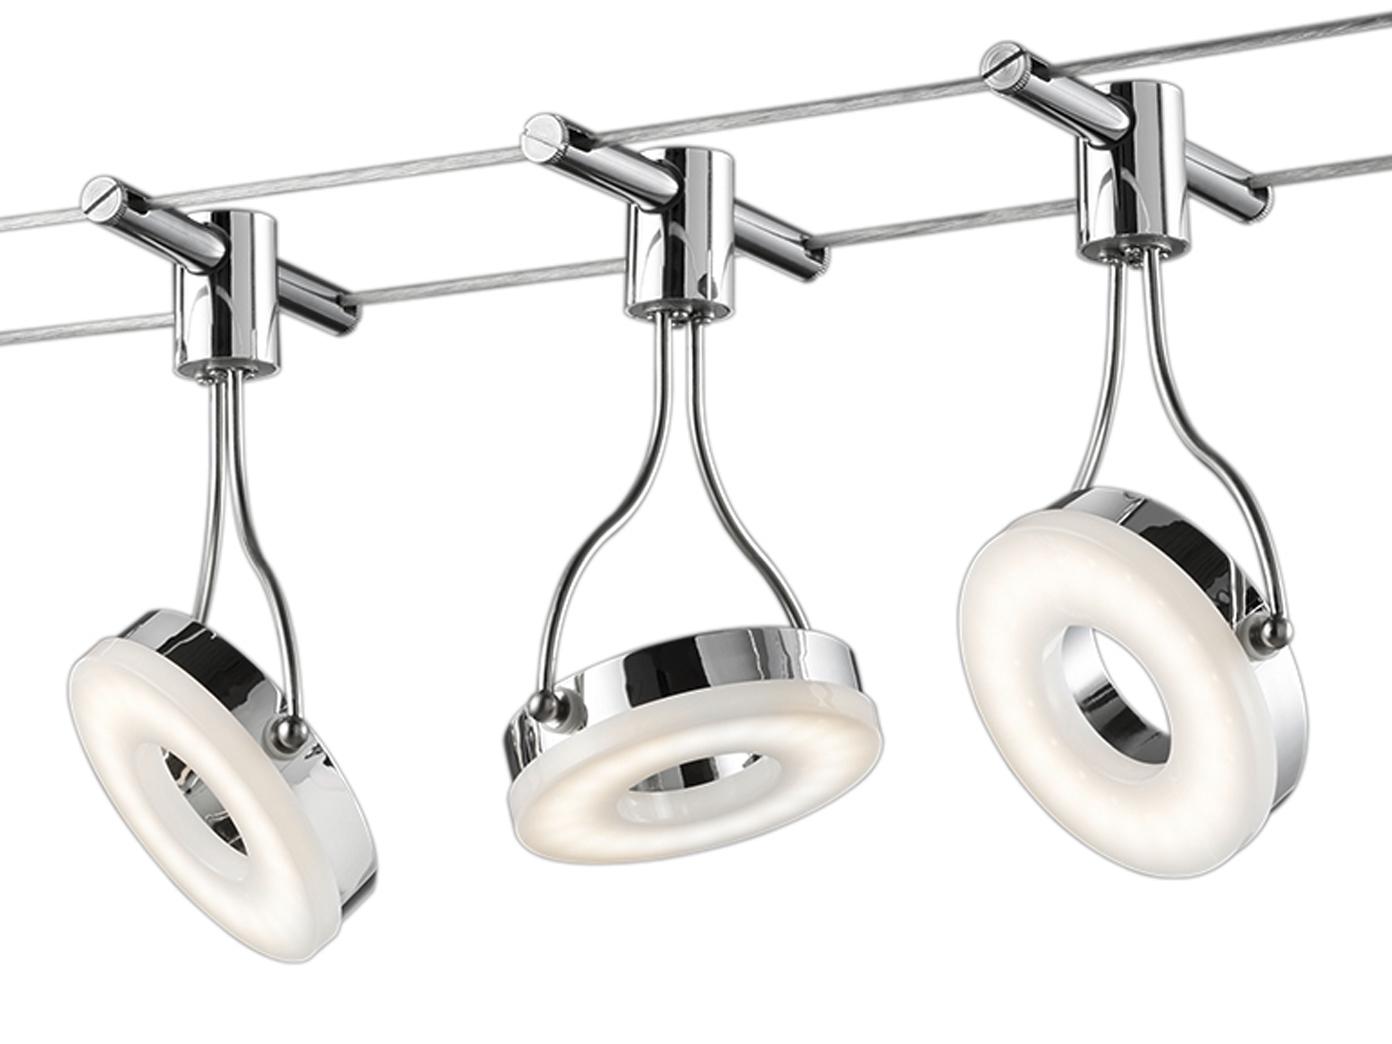 5 Meter LED Seilsystem Schienensystem Mit Spots